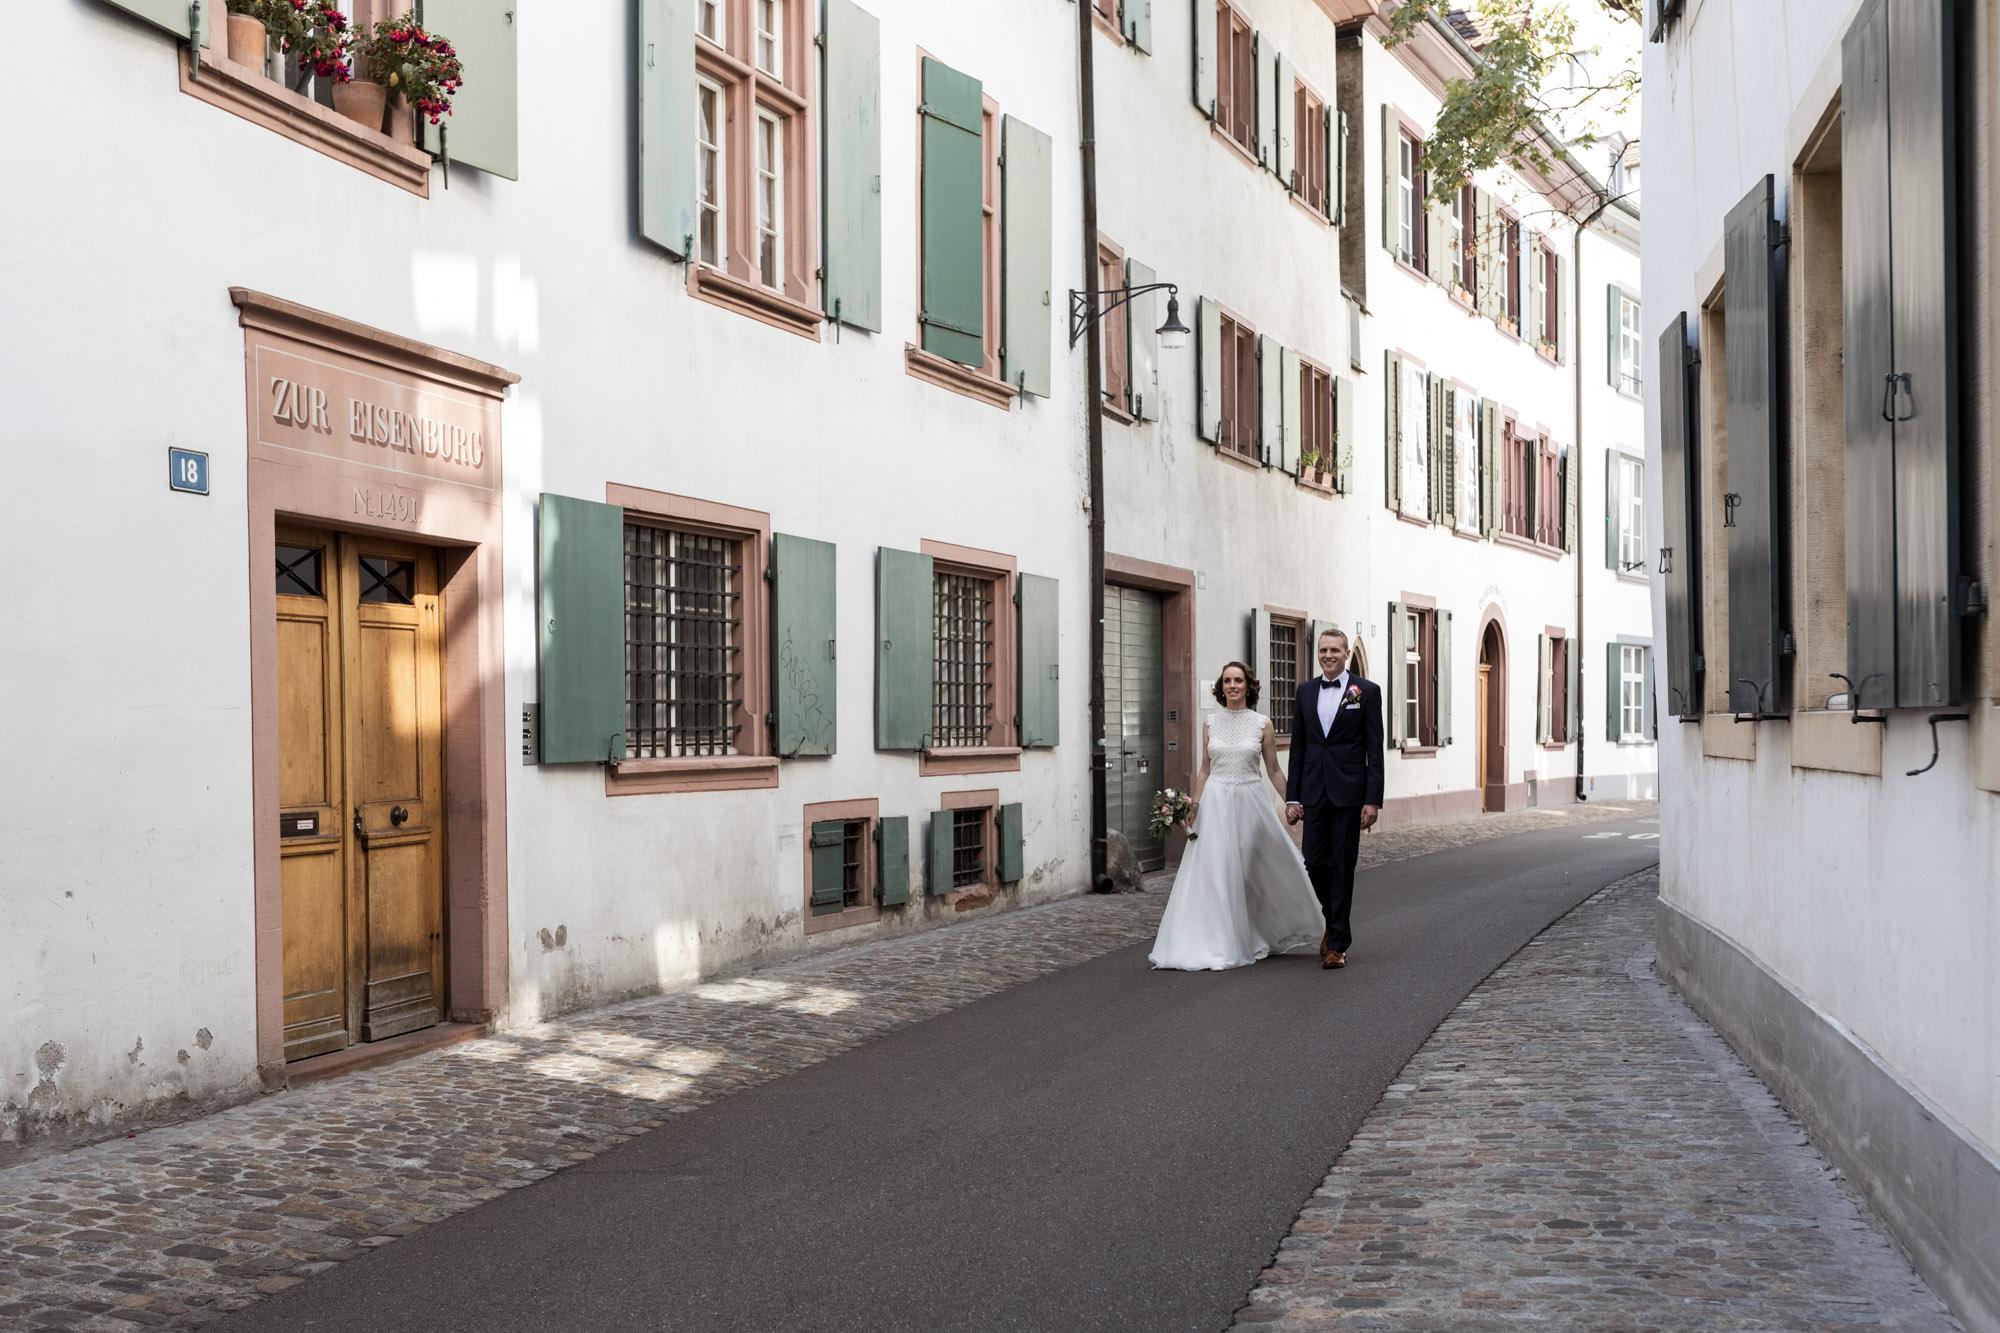 Das Brautpaar spaziert durch die Altstadt in Basel - Hochzeitsfotografen Basel